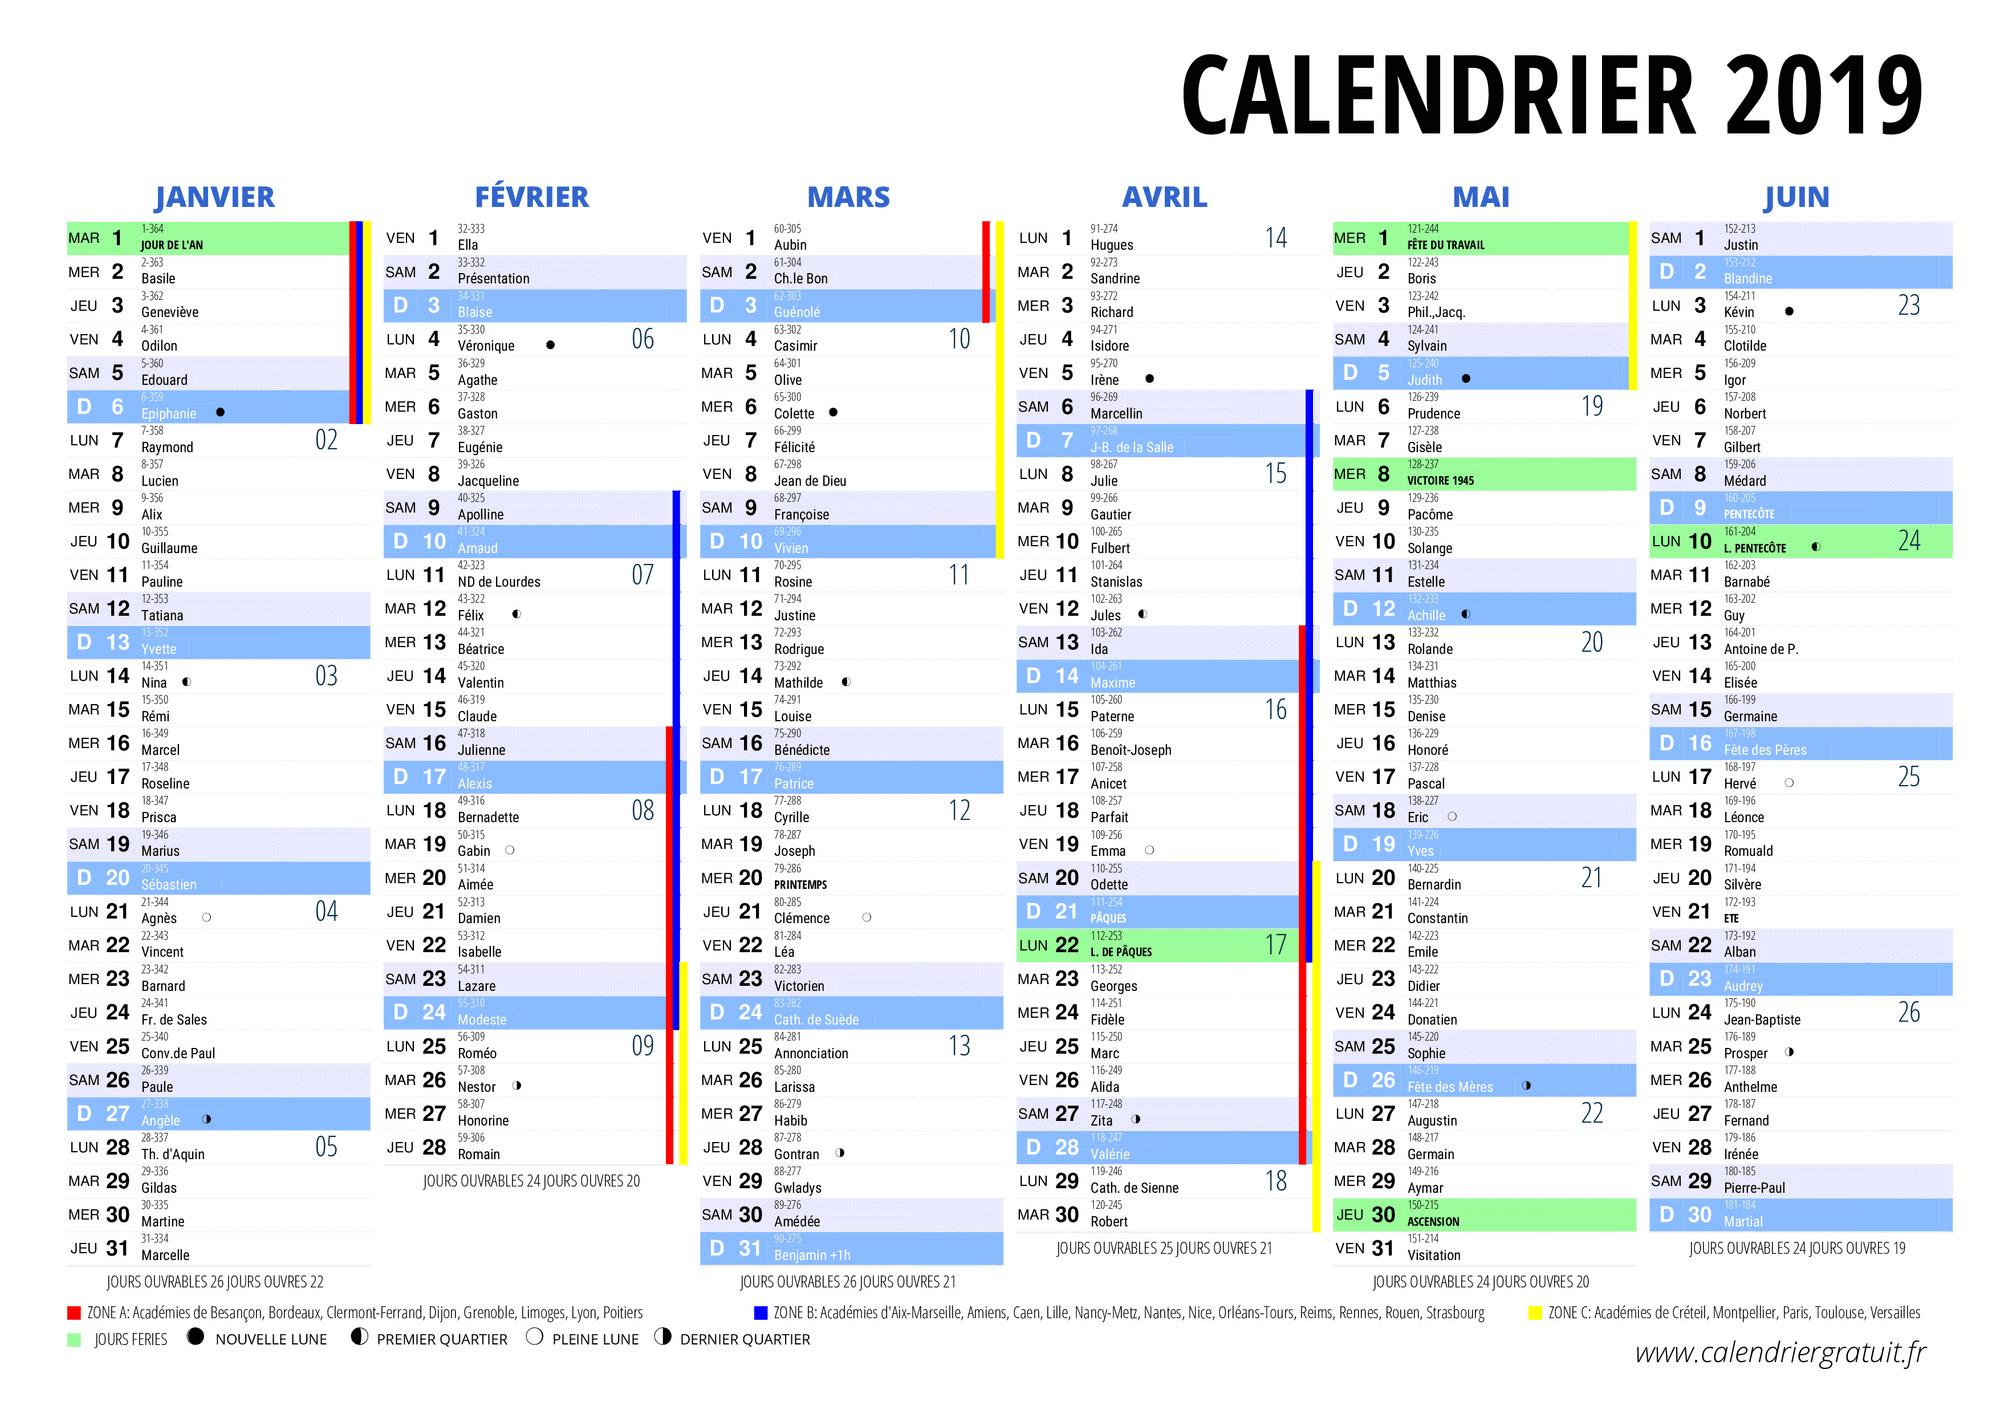 Calendrier 2020 Semaine Numerotees.Calendrier 2019 A Imprimer Gratuit Au Format Pdf